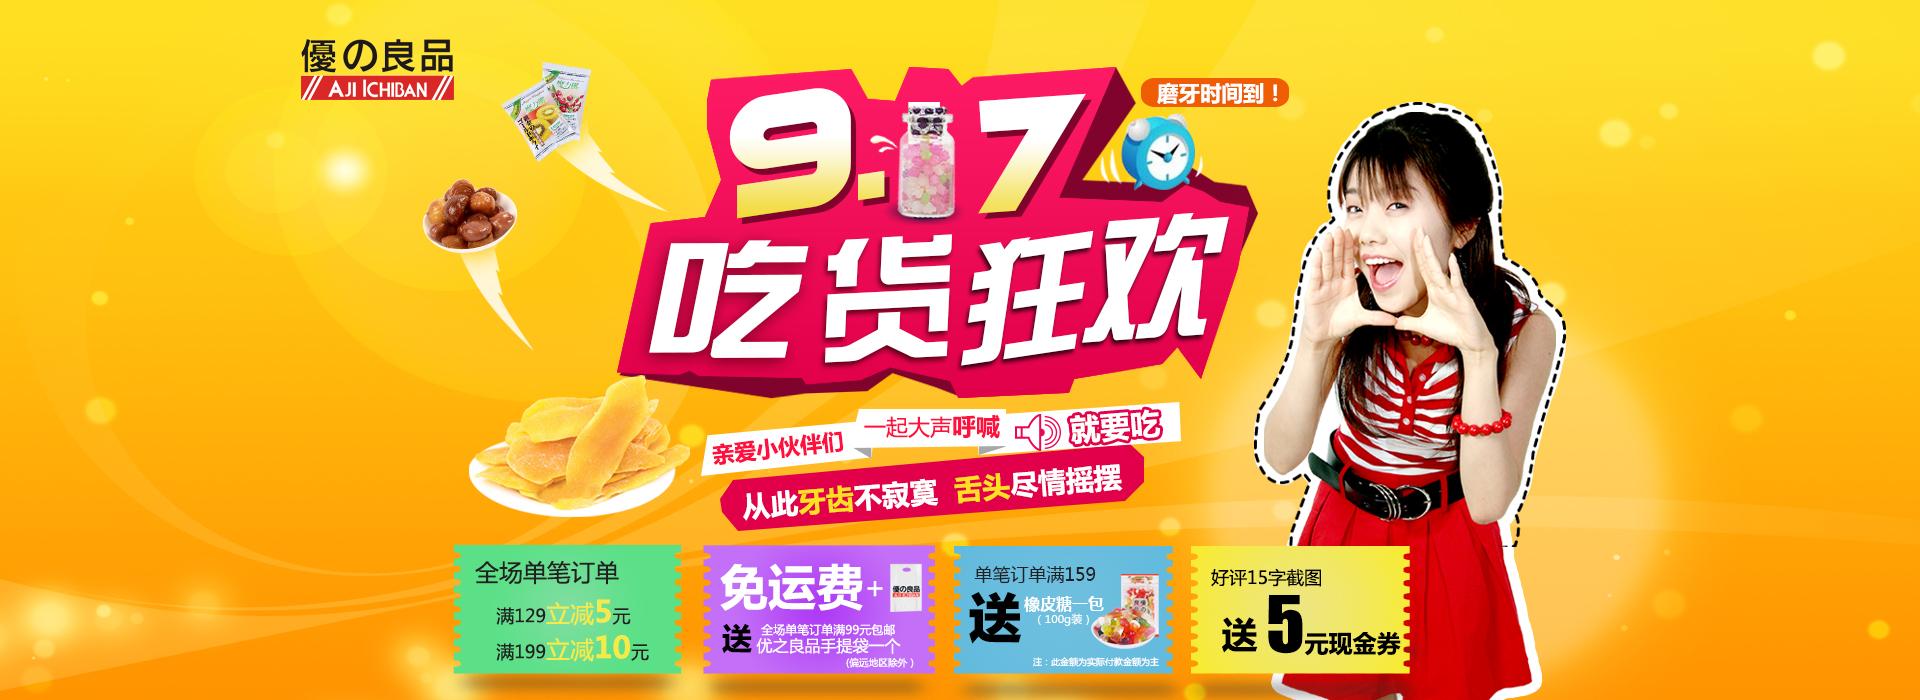 (16条评论) 香港优之良品 饼干糕点点心海苔地瓜酥240克 零食特产9月